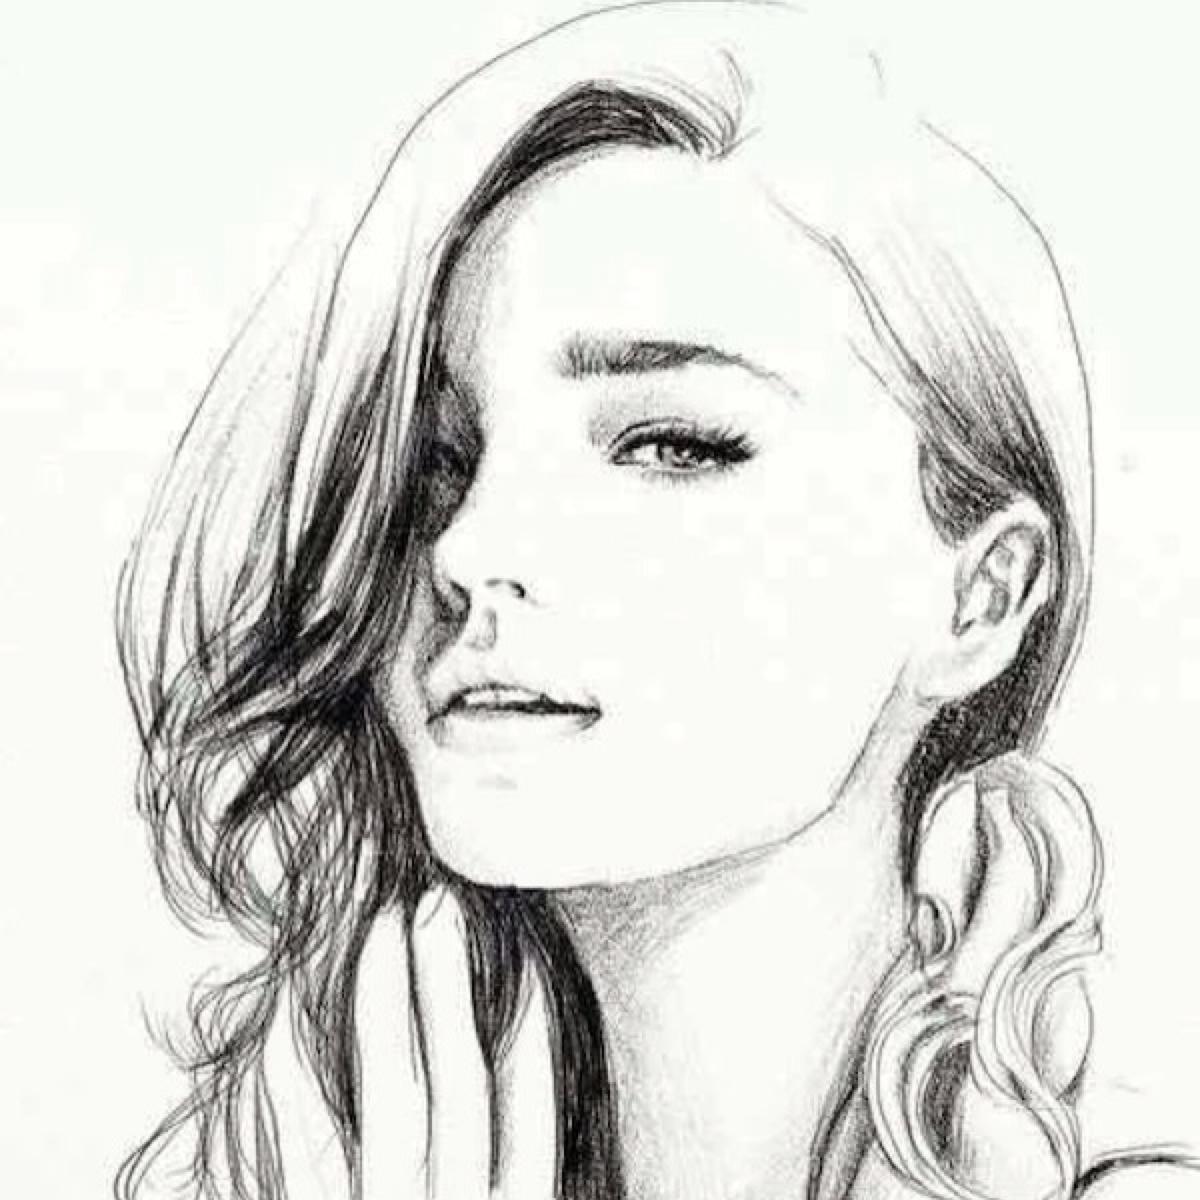 表情 小清新有个性的欧美风彩绘QQ头像适合微信头像的欧美手绘图集欧美头像Q  表情